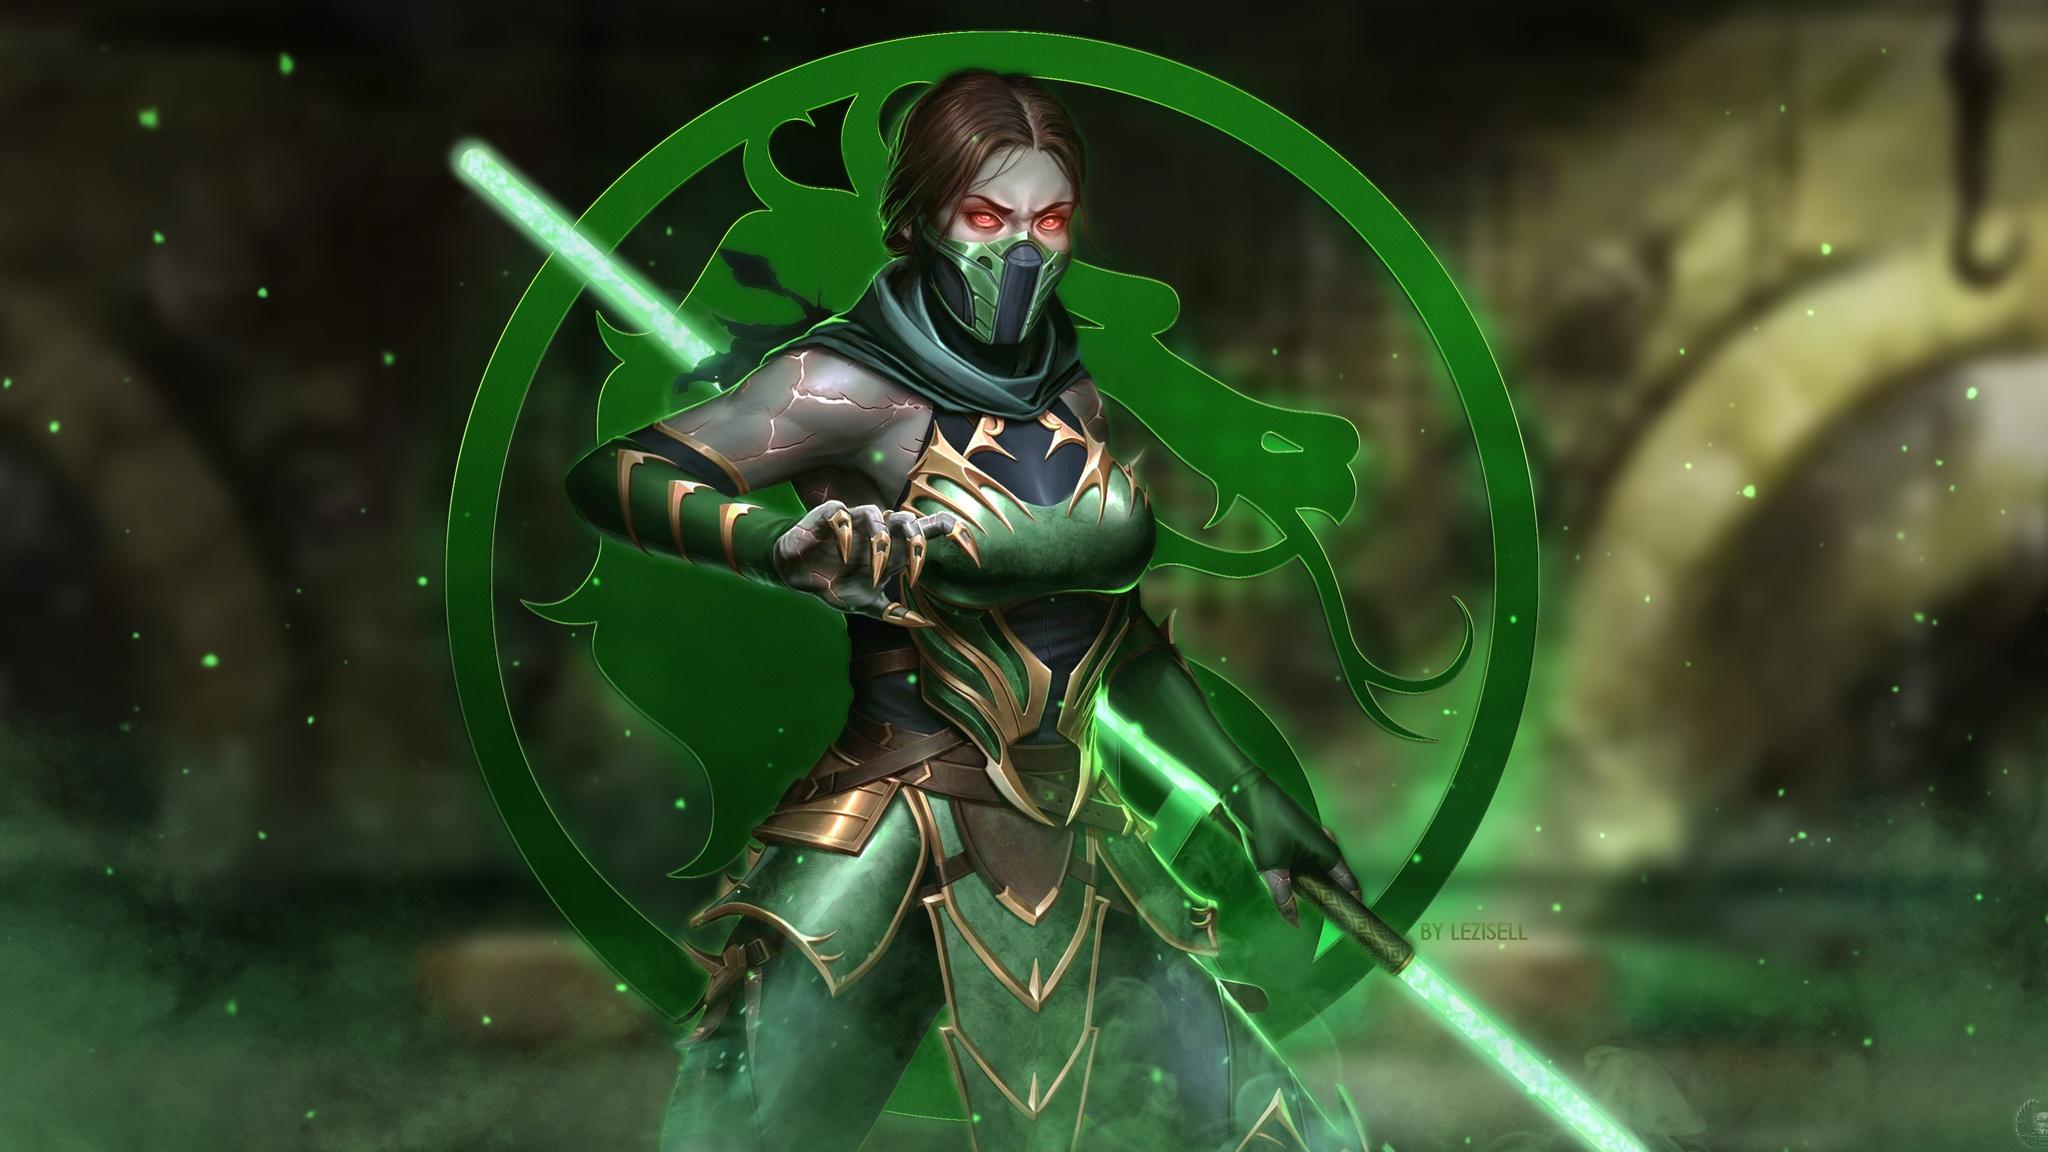 2048x1152 Jade Mortal Kombat 11 4k 2048x1152 Resolution Hd 4k